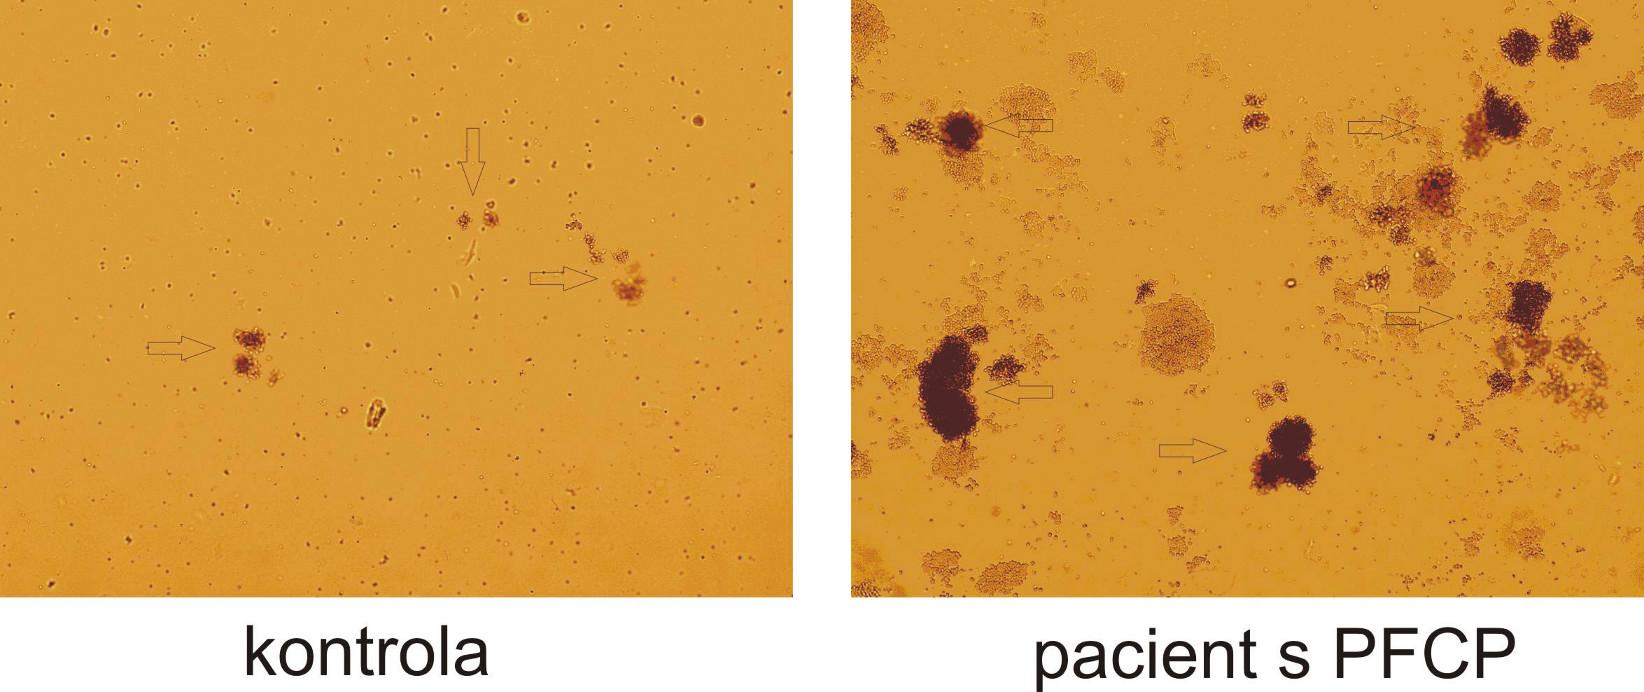 Hypersenzitivita erytroidních progenitorů na EPO in vitro. Výrazný rozdíl růstu erytroidních kolonií (BFU-E) u pacienta s PFCP ve srovnání se zdravou kontrolou při stejné koncentraci EPO (0,12 U/ml). Po 14 dnech kultivace je zřetelný rozdíl jak v počtu, tak ve velikosti erytroidních kolonií  označeny šipkami).